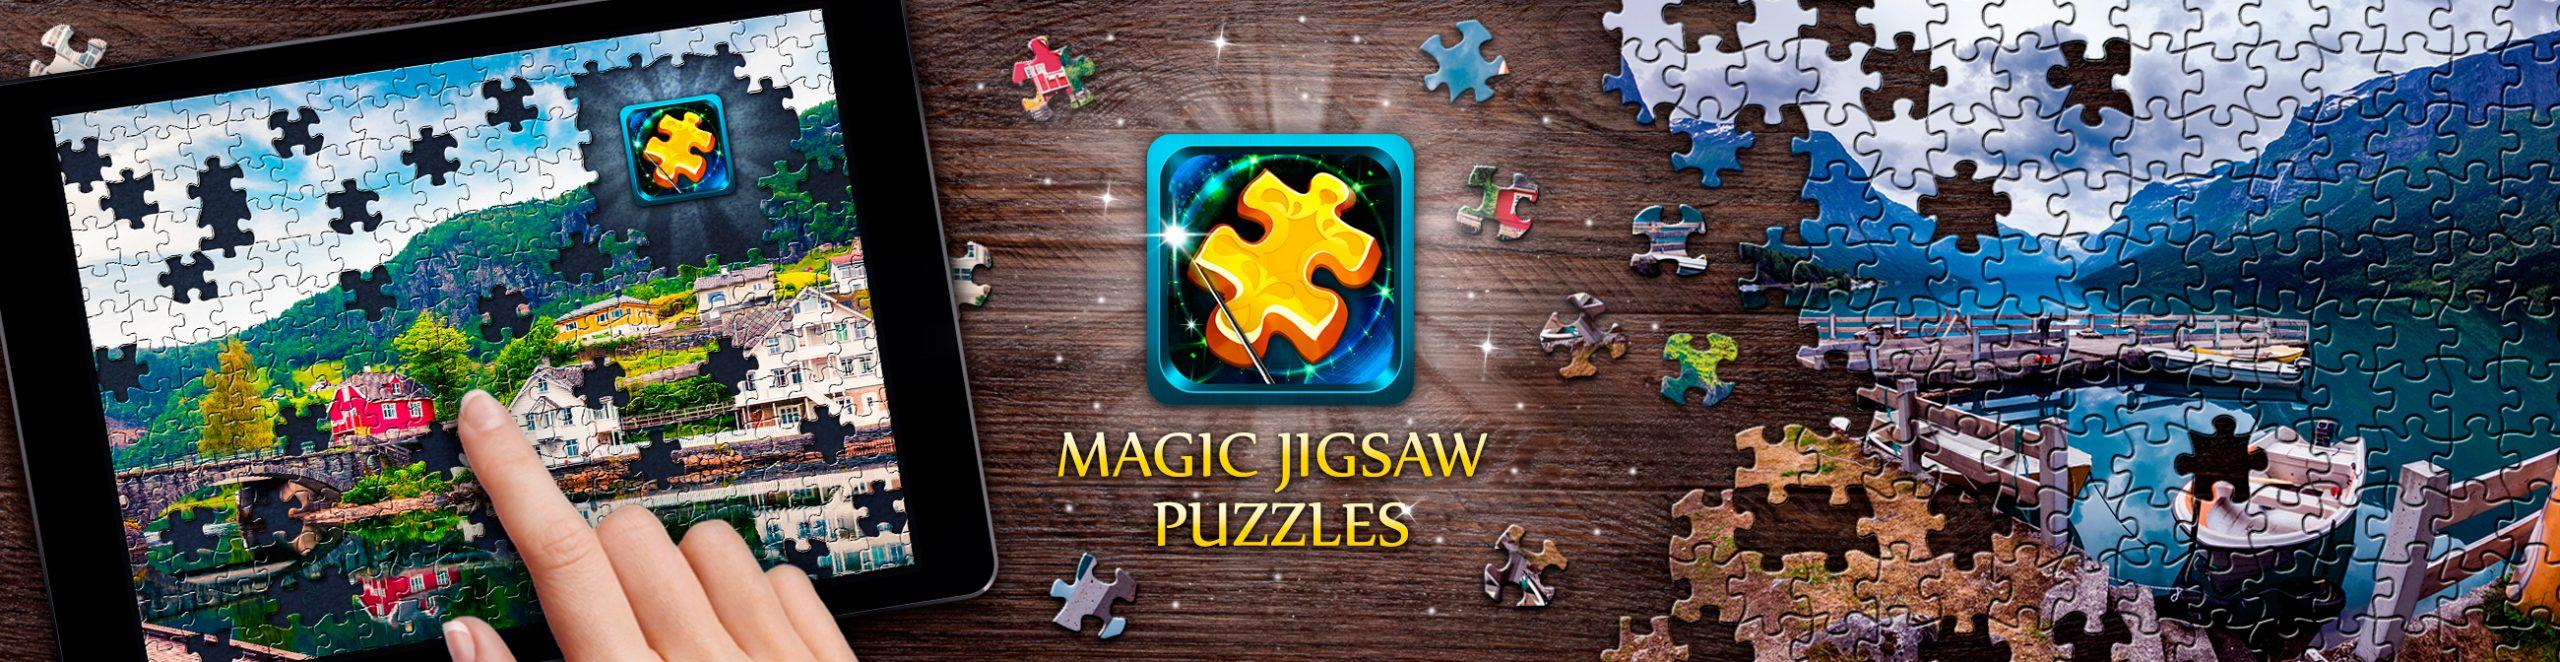 Magic Jigsaw Puzzles - Zimad bestimmt für Puzzle Online Kostenlos Puzzeln Jigsaw